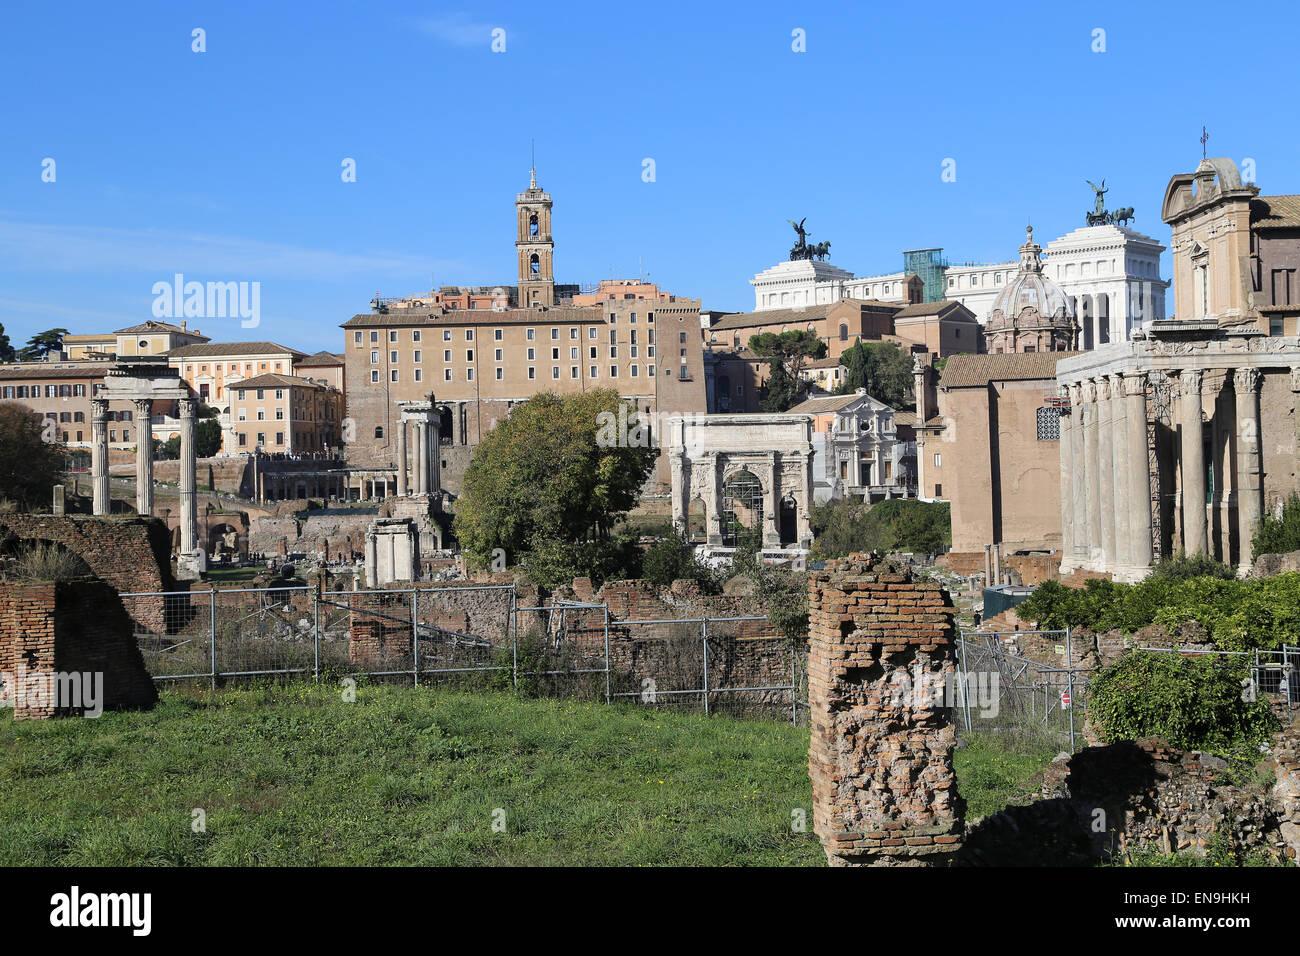 Italien. Rom. Das Forum Romanum. Panorama. Stockbild